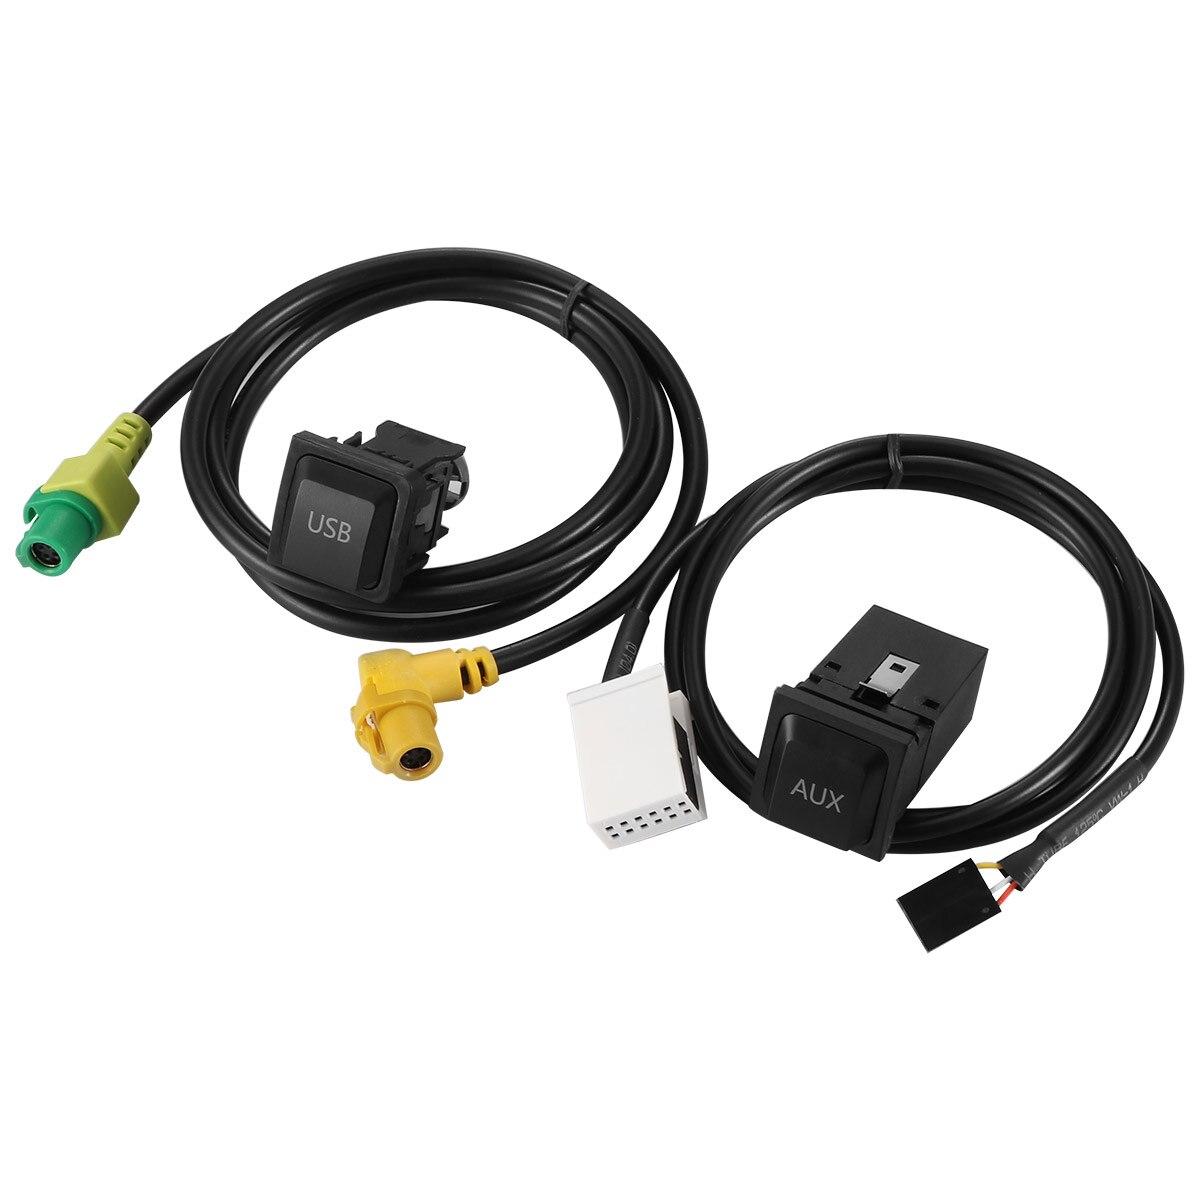 Черный USB-кабель для VW RNS315 RCD510 Magotan L POLO Touran, Премиум соединительный провод, выключатель проводки